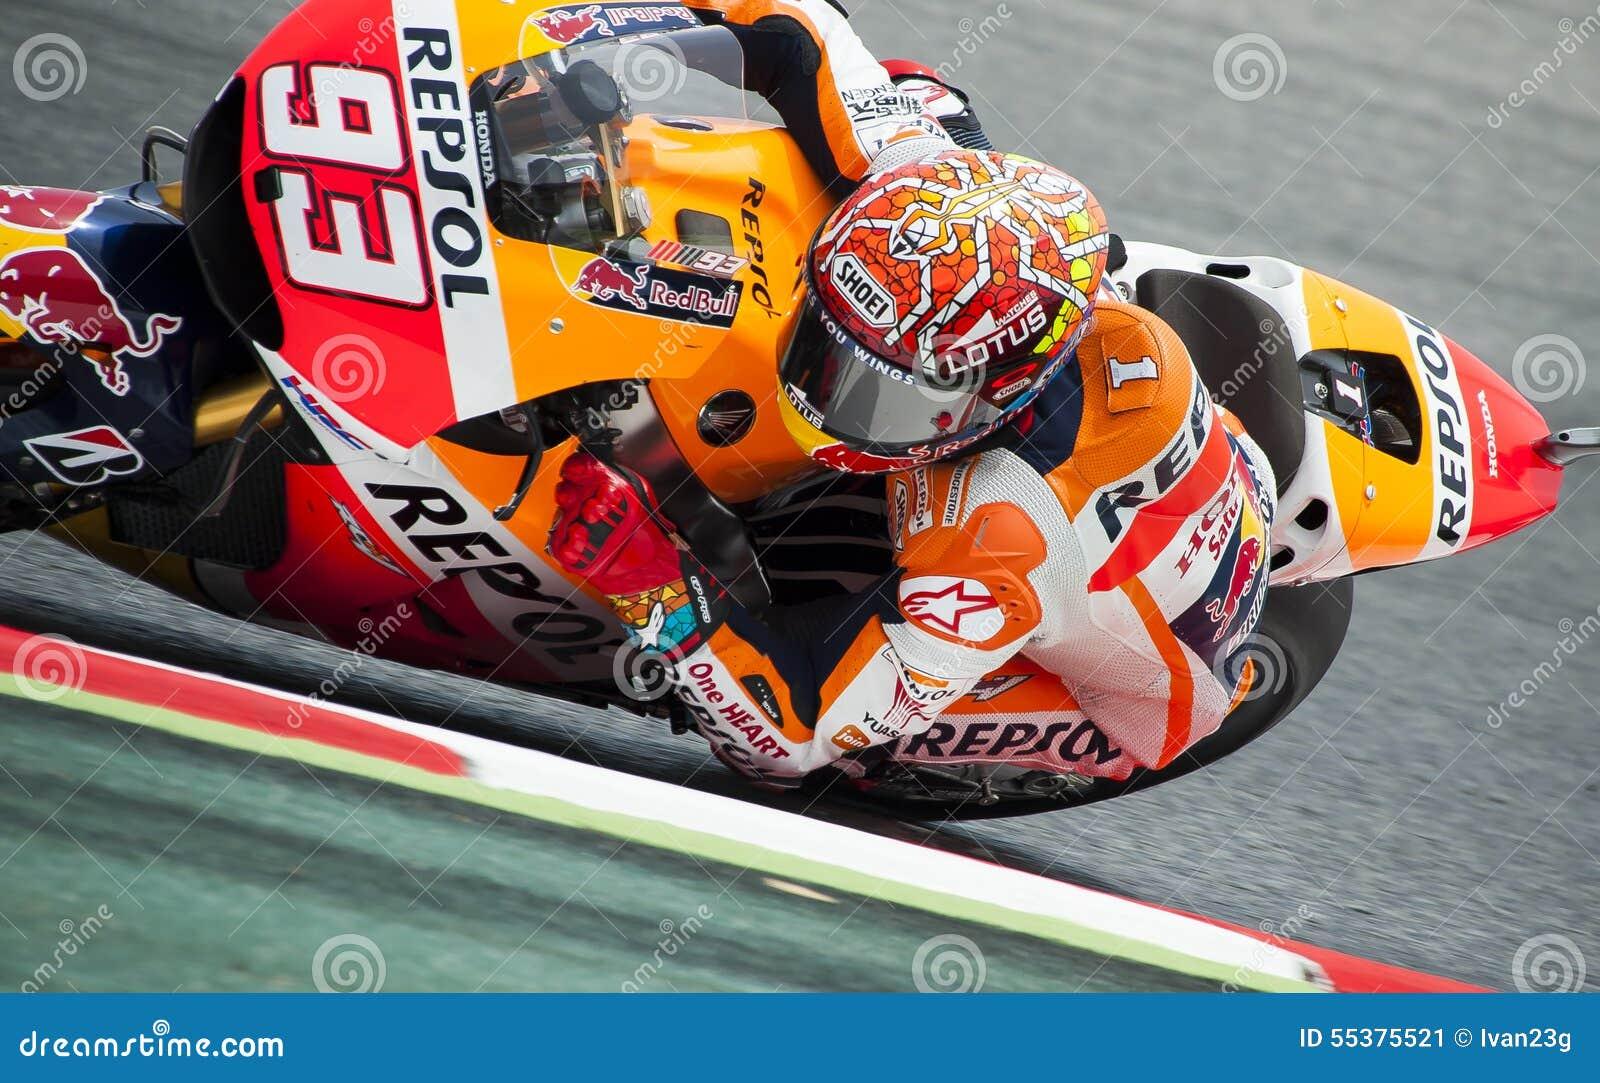 GP CATALUNYA MOTO GP 2015 - MARC MARQUEZ